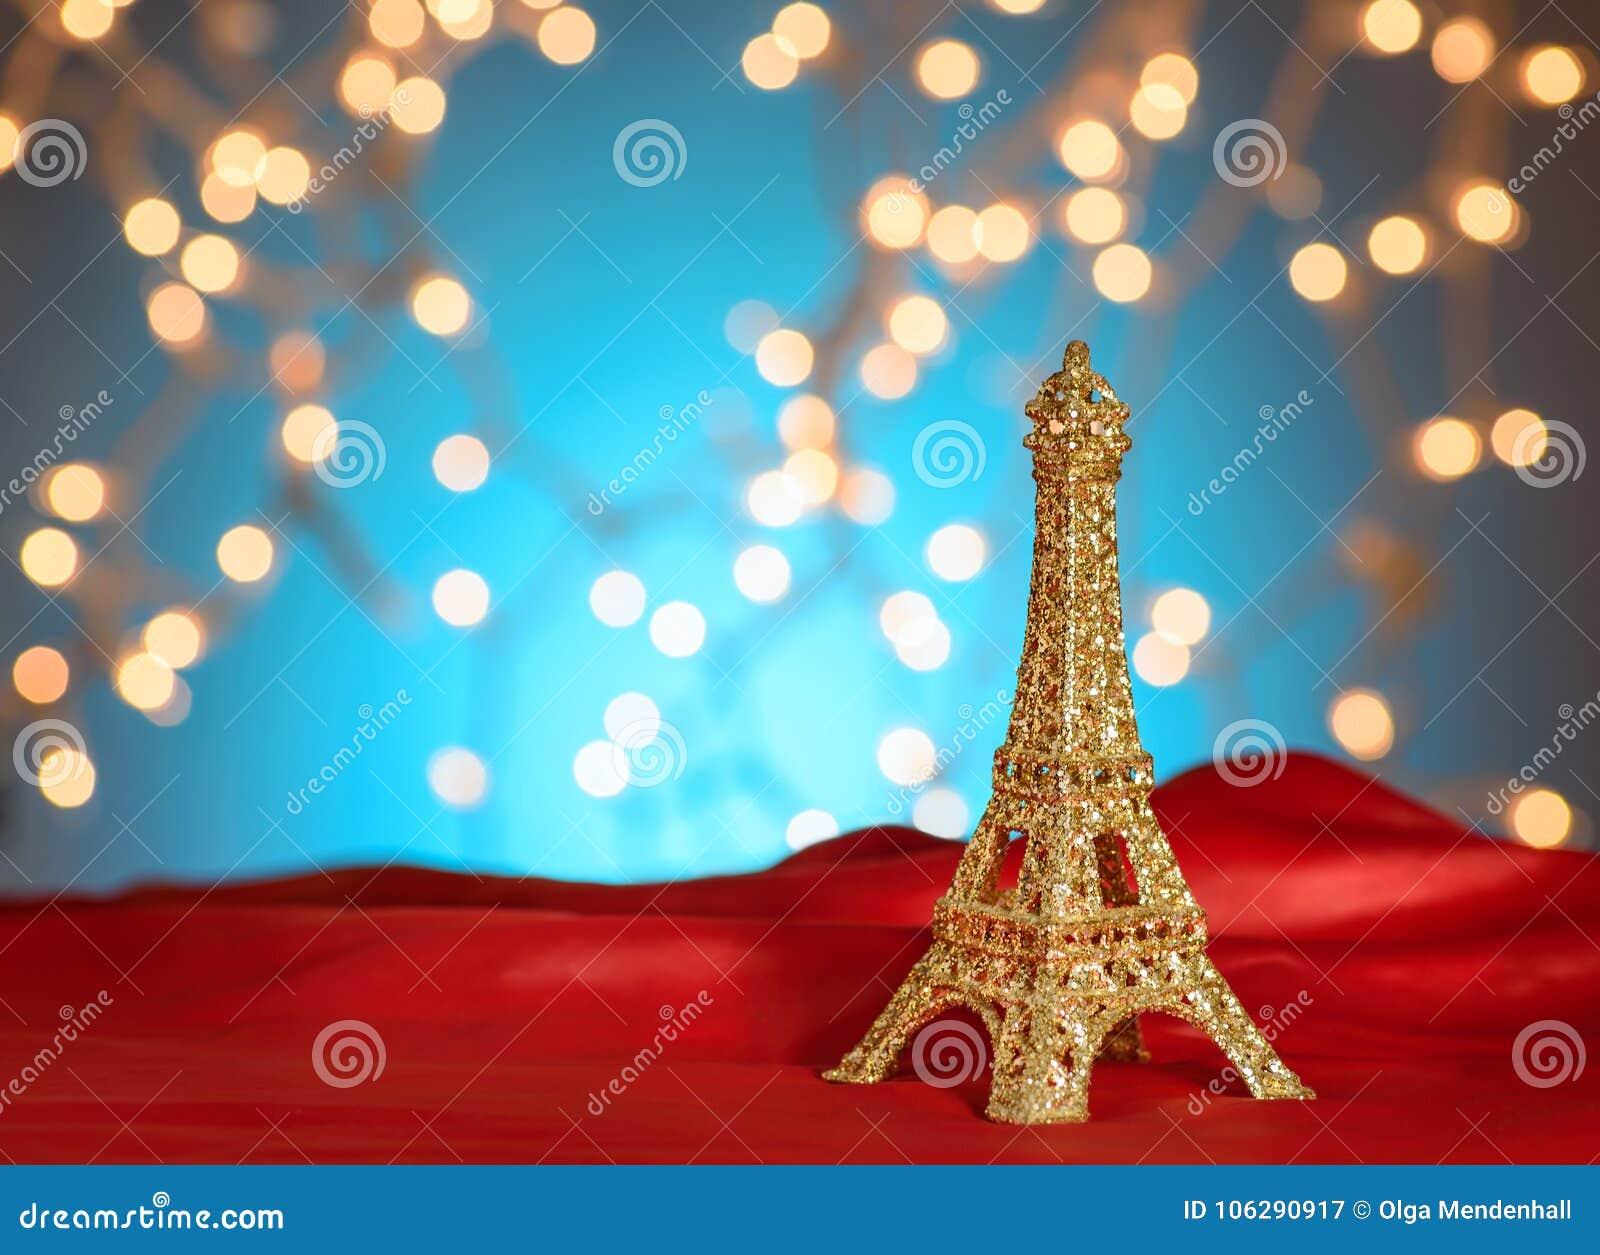 День ` s валентинки в Париже Рождество, Новый Год в Париже Золотая Эйфелева башня на яркой красной сатинировке Запачканный Xmas о